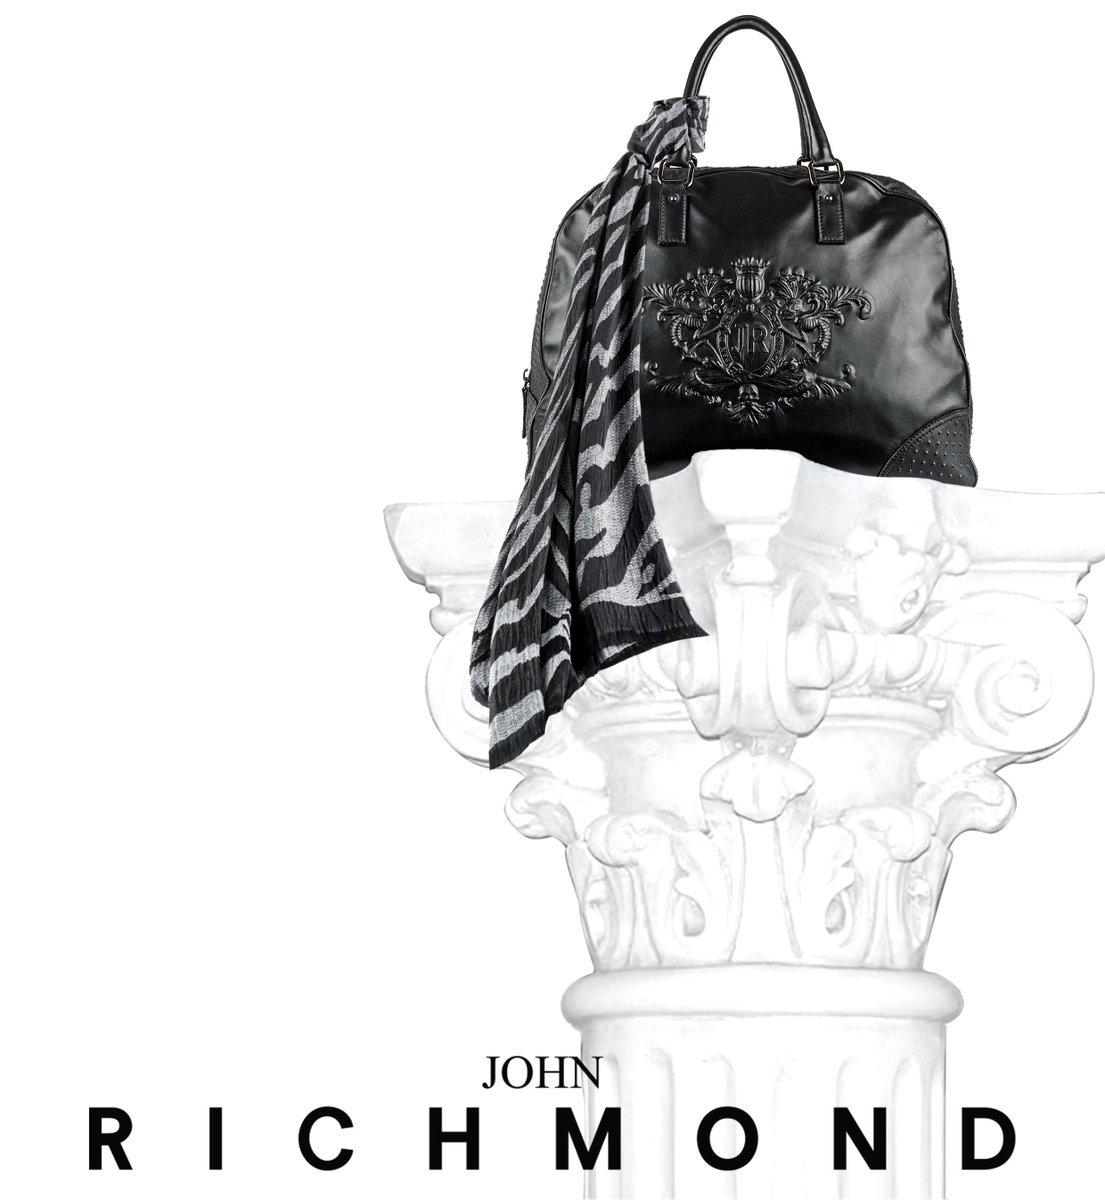 #johnrichmondofficial #bag #scarf #fw1516 https://t.co/UsIxWLRIcg